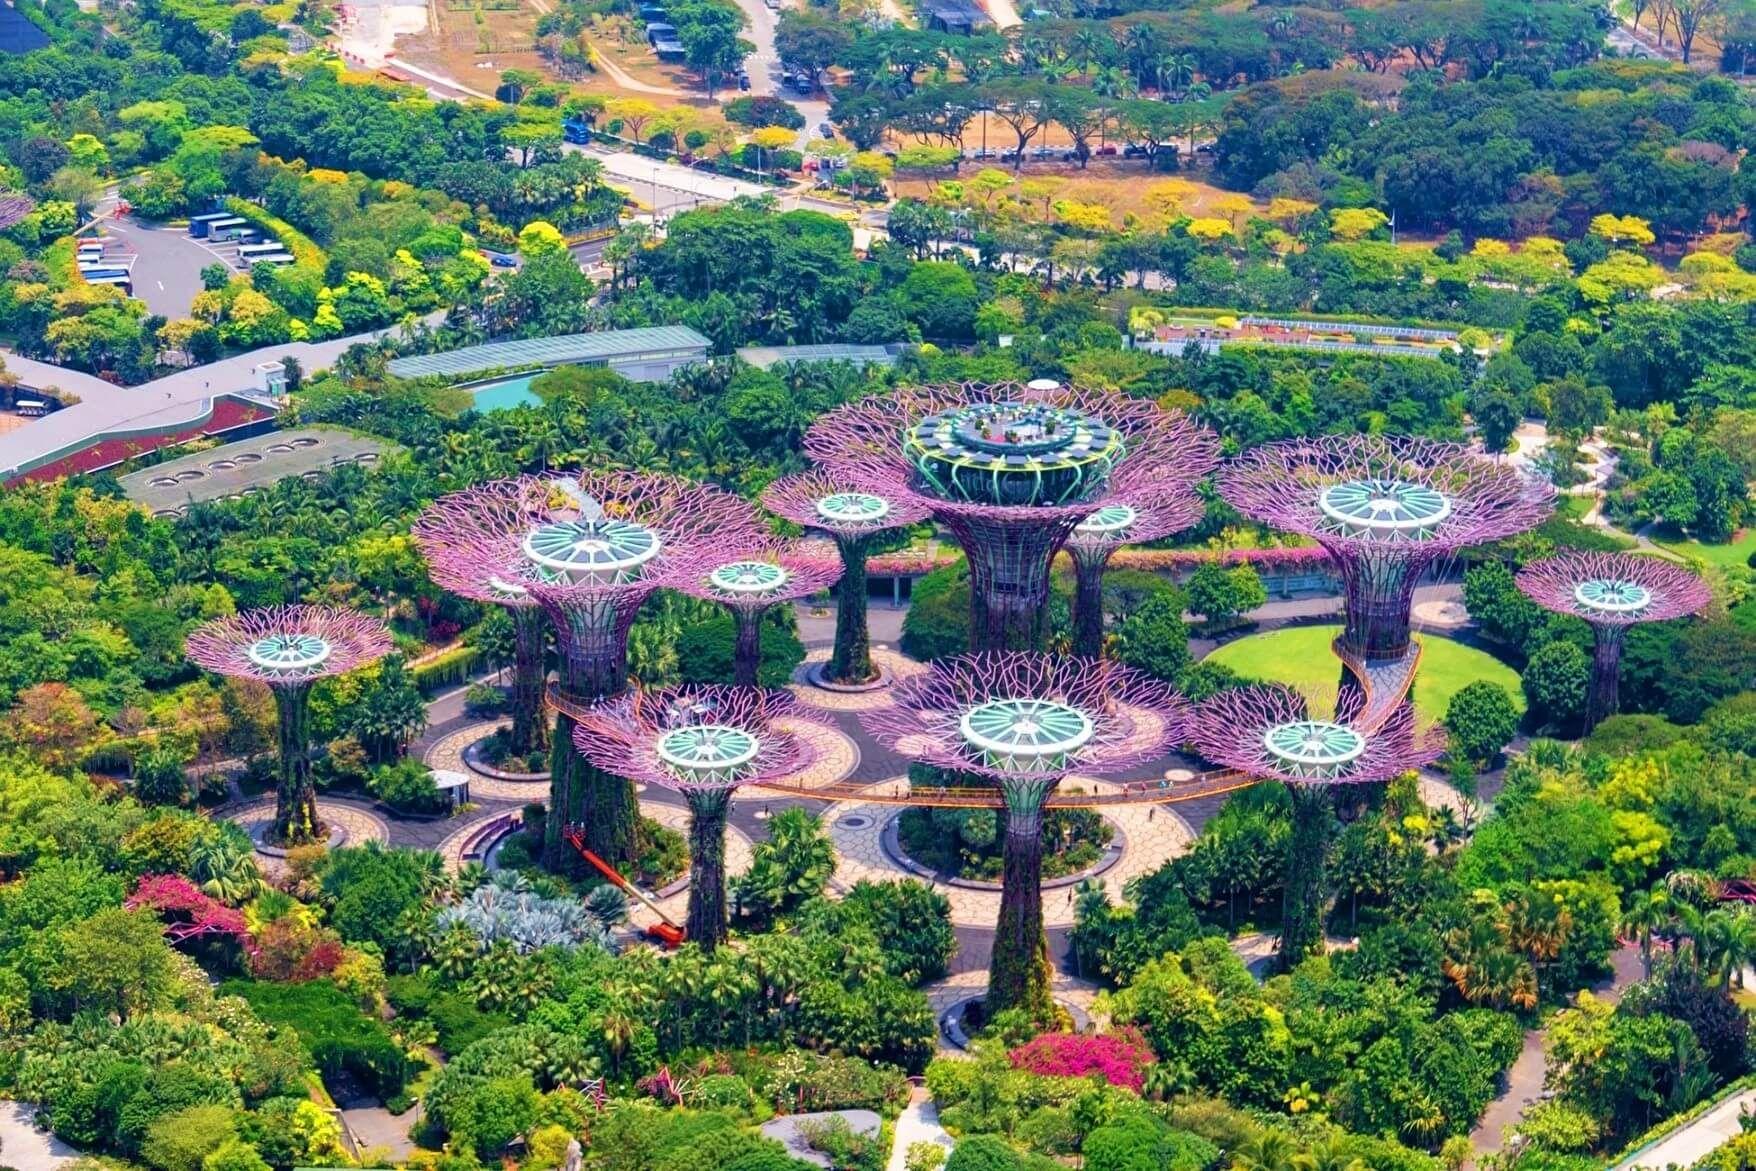 f1dc3662936dca129b097b55f70e9a4c - Supertree Grove Gardens By The Bay Singapore